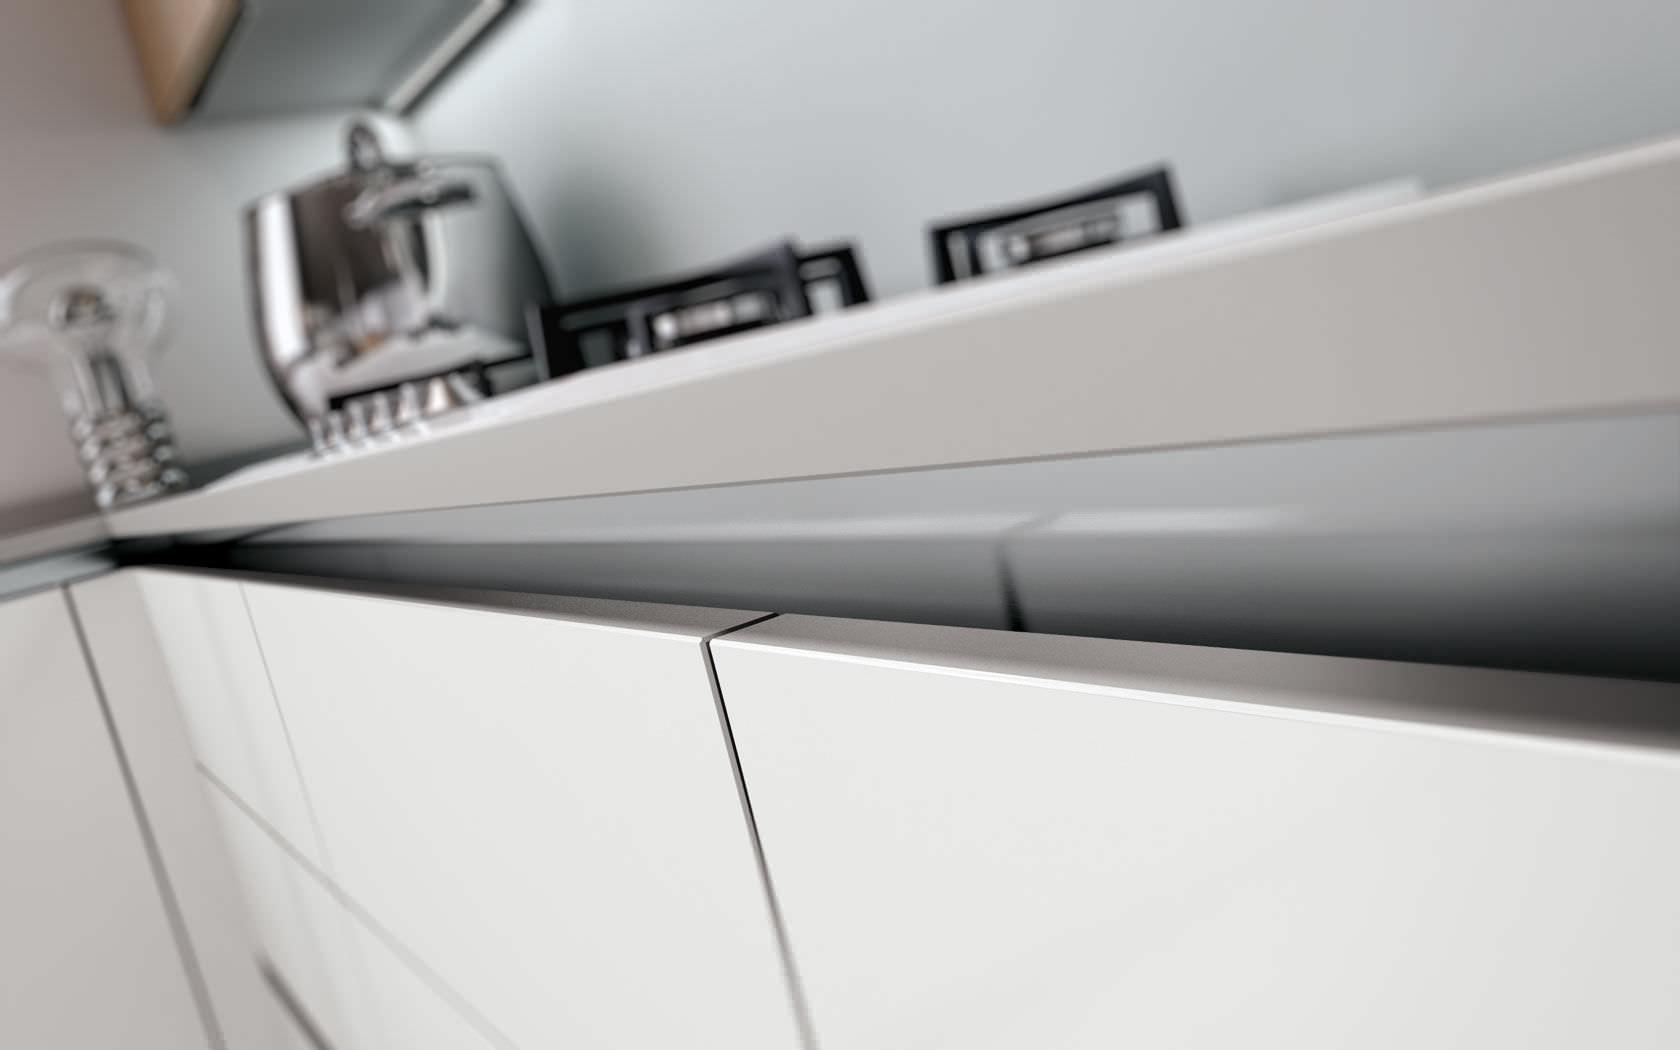 Cucina moderna / in legno / laccata - TECNIKA PURA - Lineaquattro